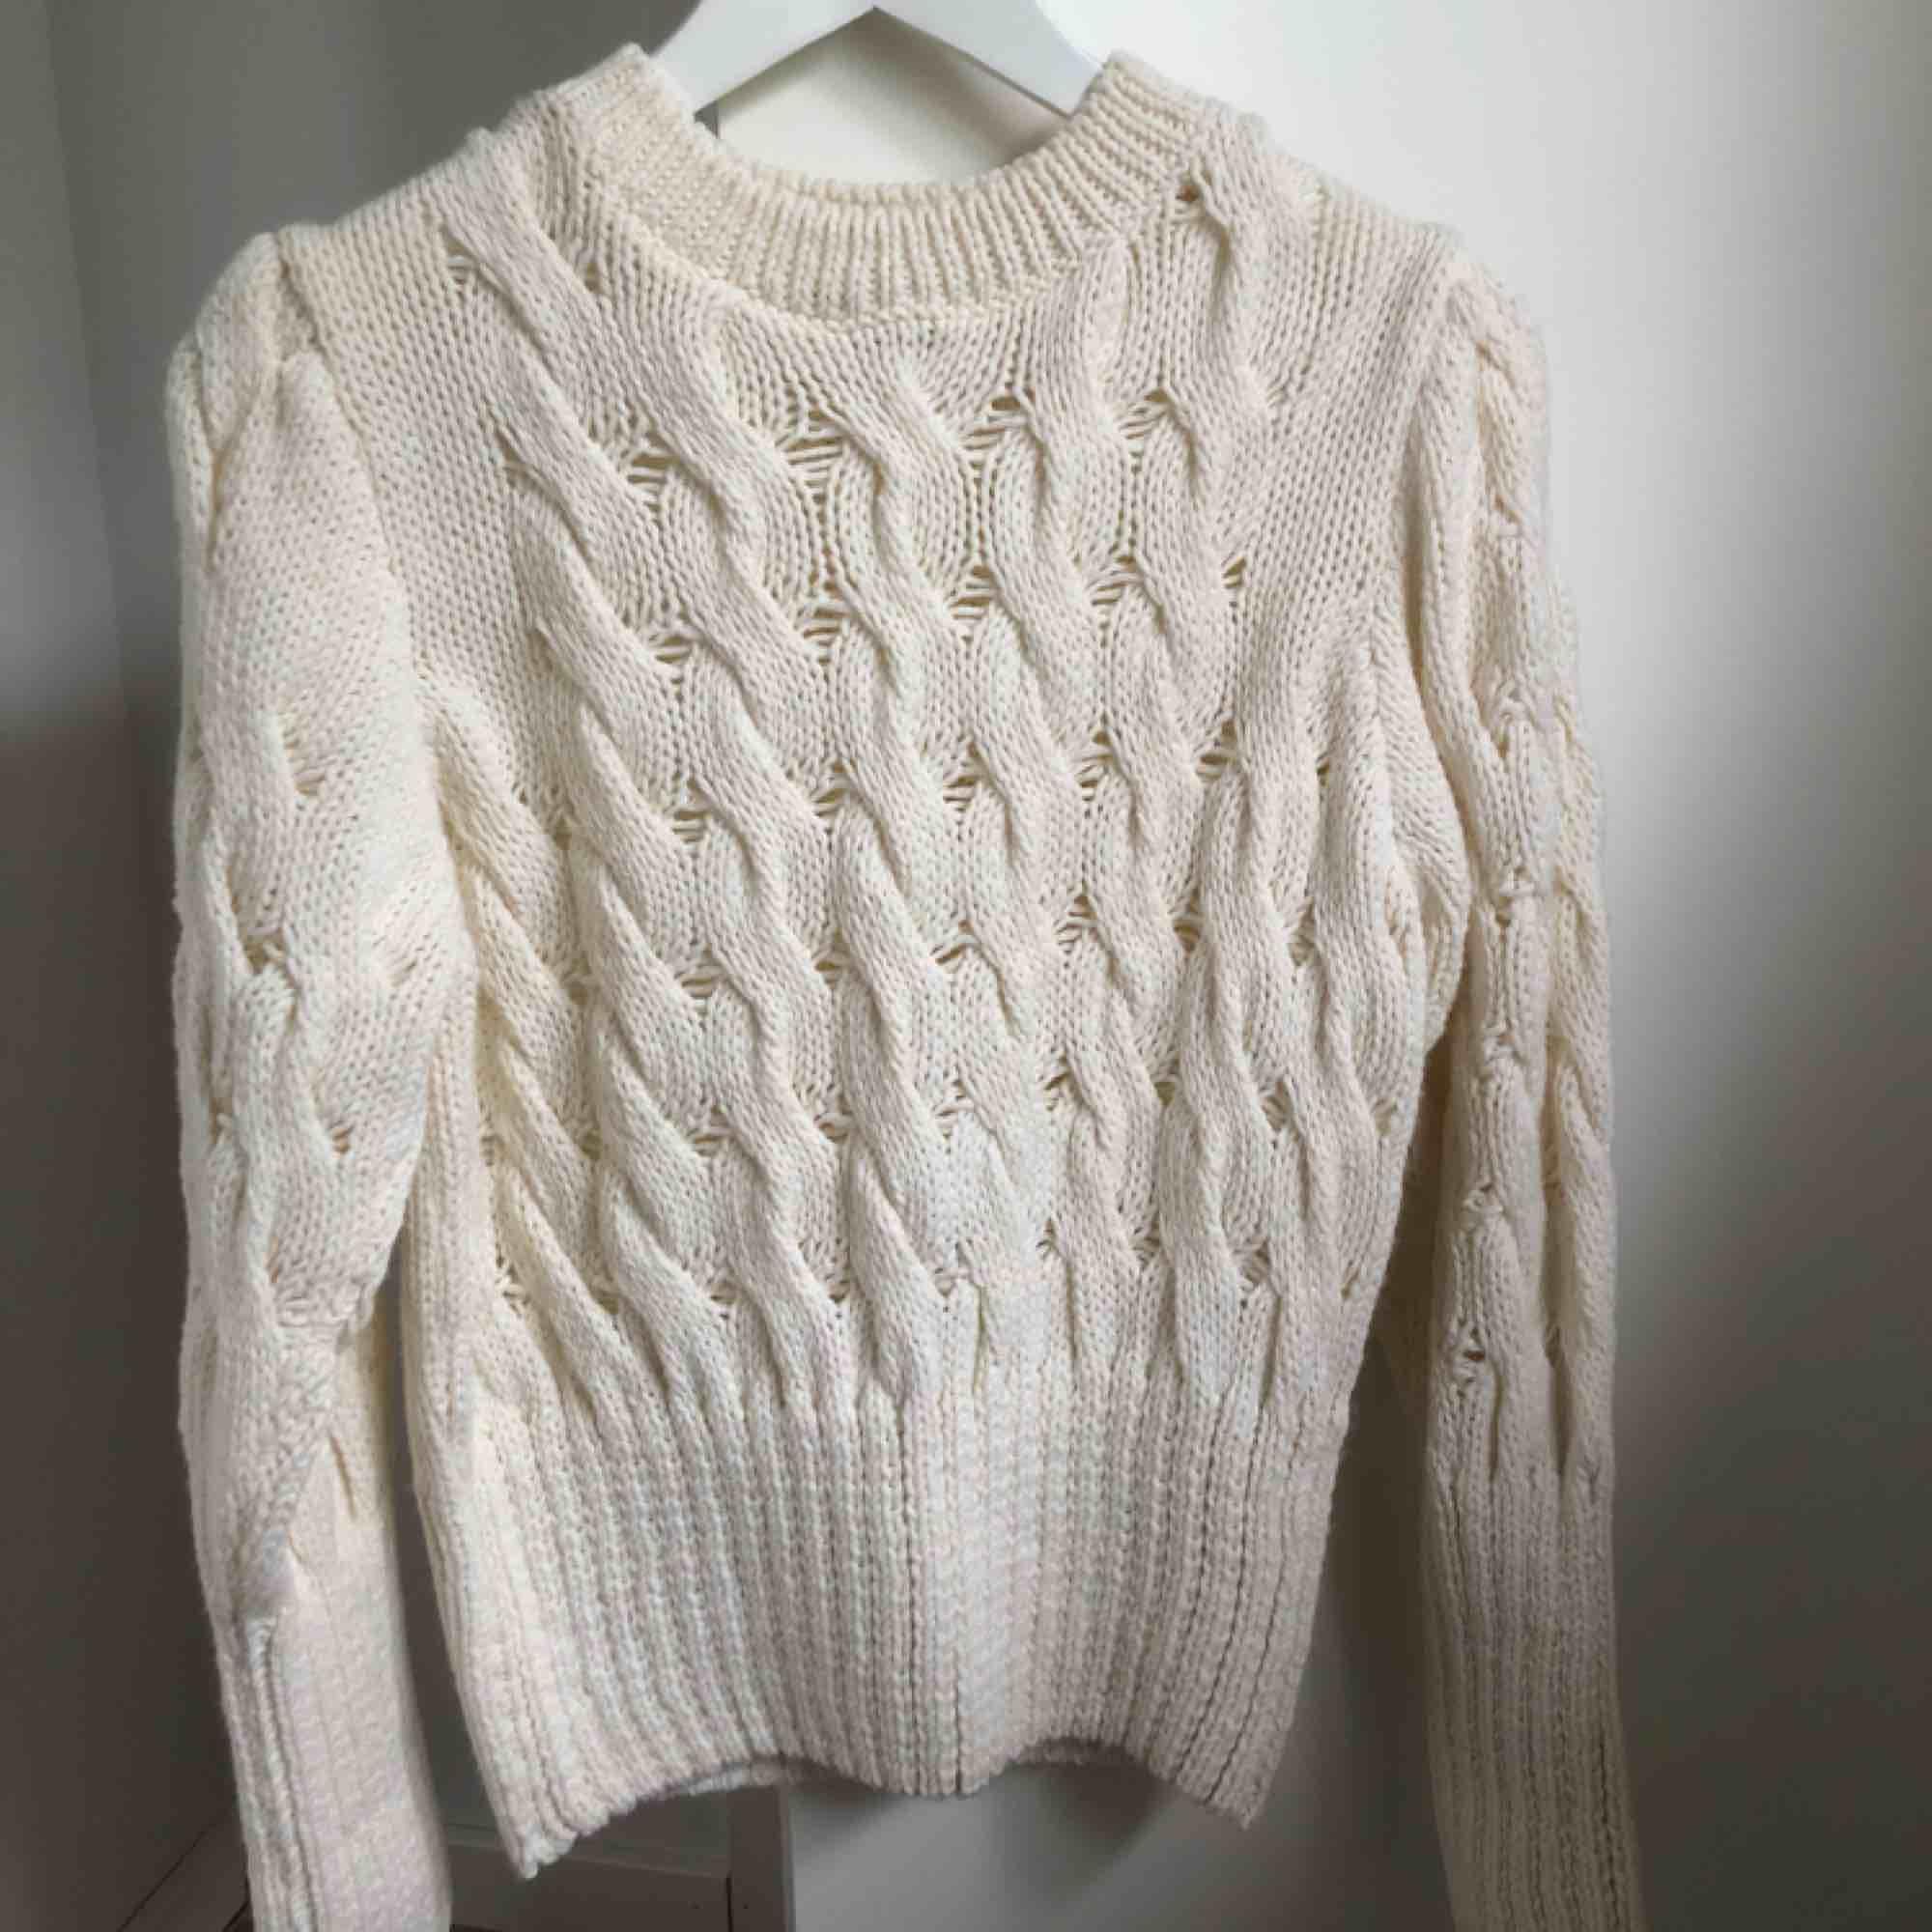 Tjock stickad tröja, som aldrig är använd! I väldigt bra skick! Nypris: 399kr. Stickat.